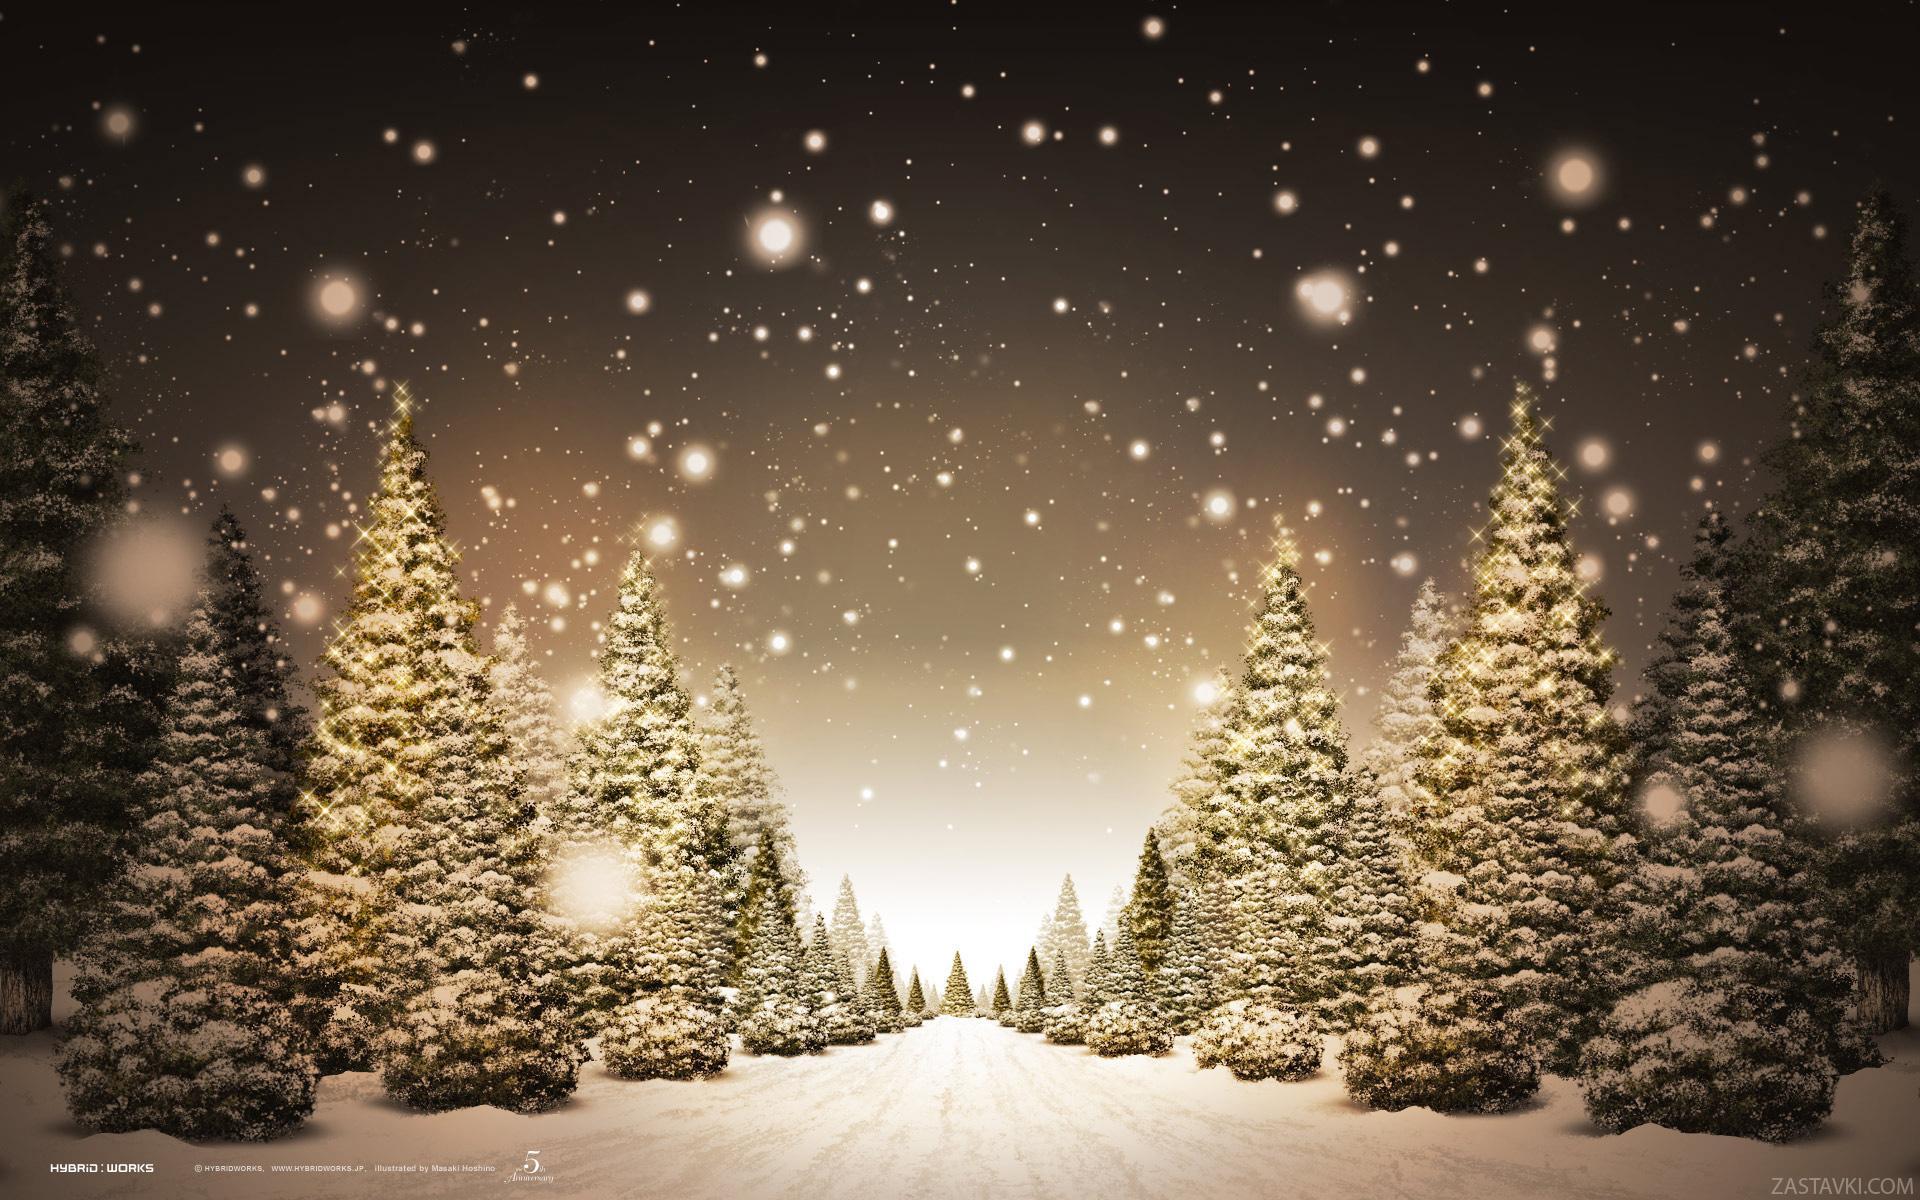 Картинки новогодних причесом на 2009 год